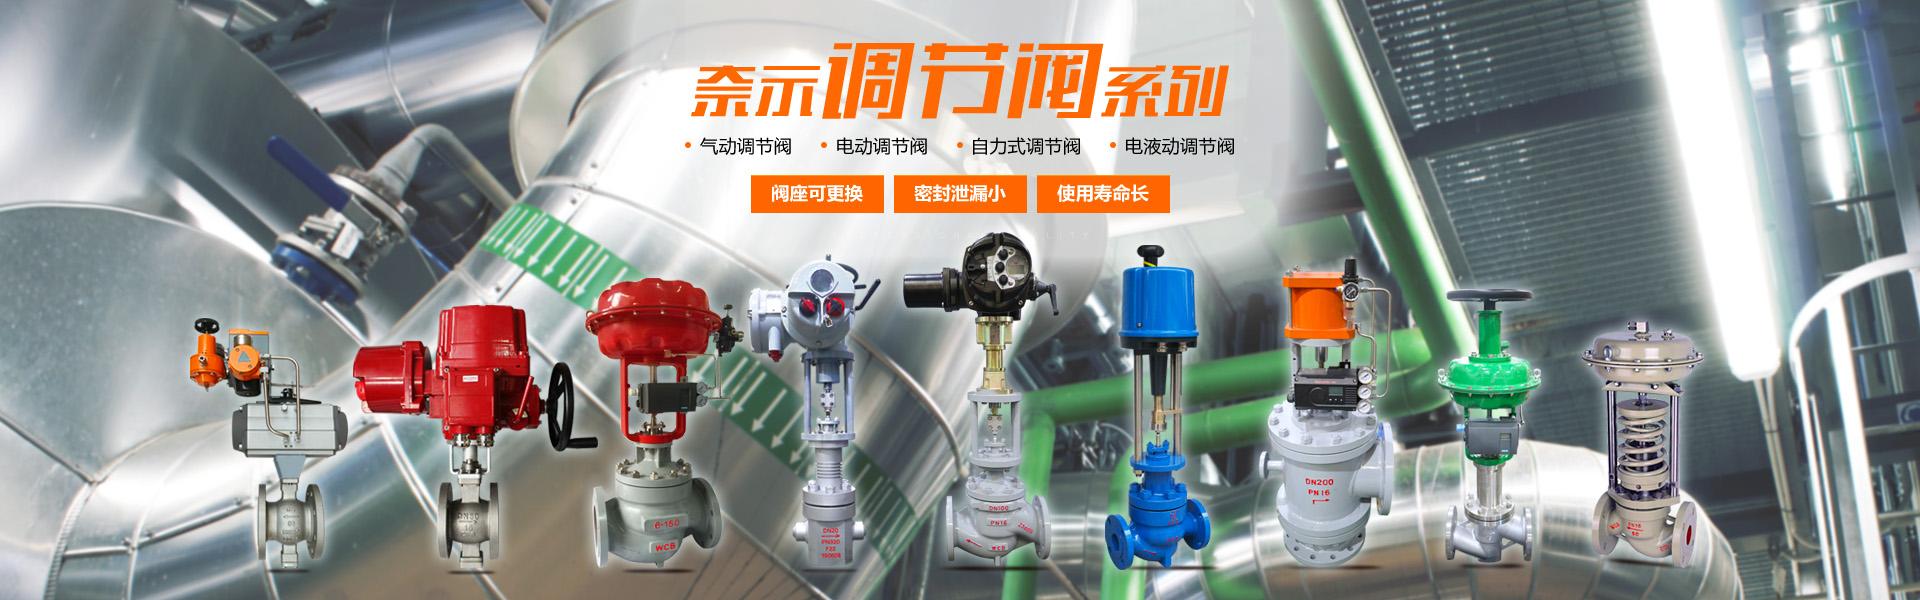 气动调节阀、电动调节阀产品展示